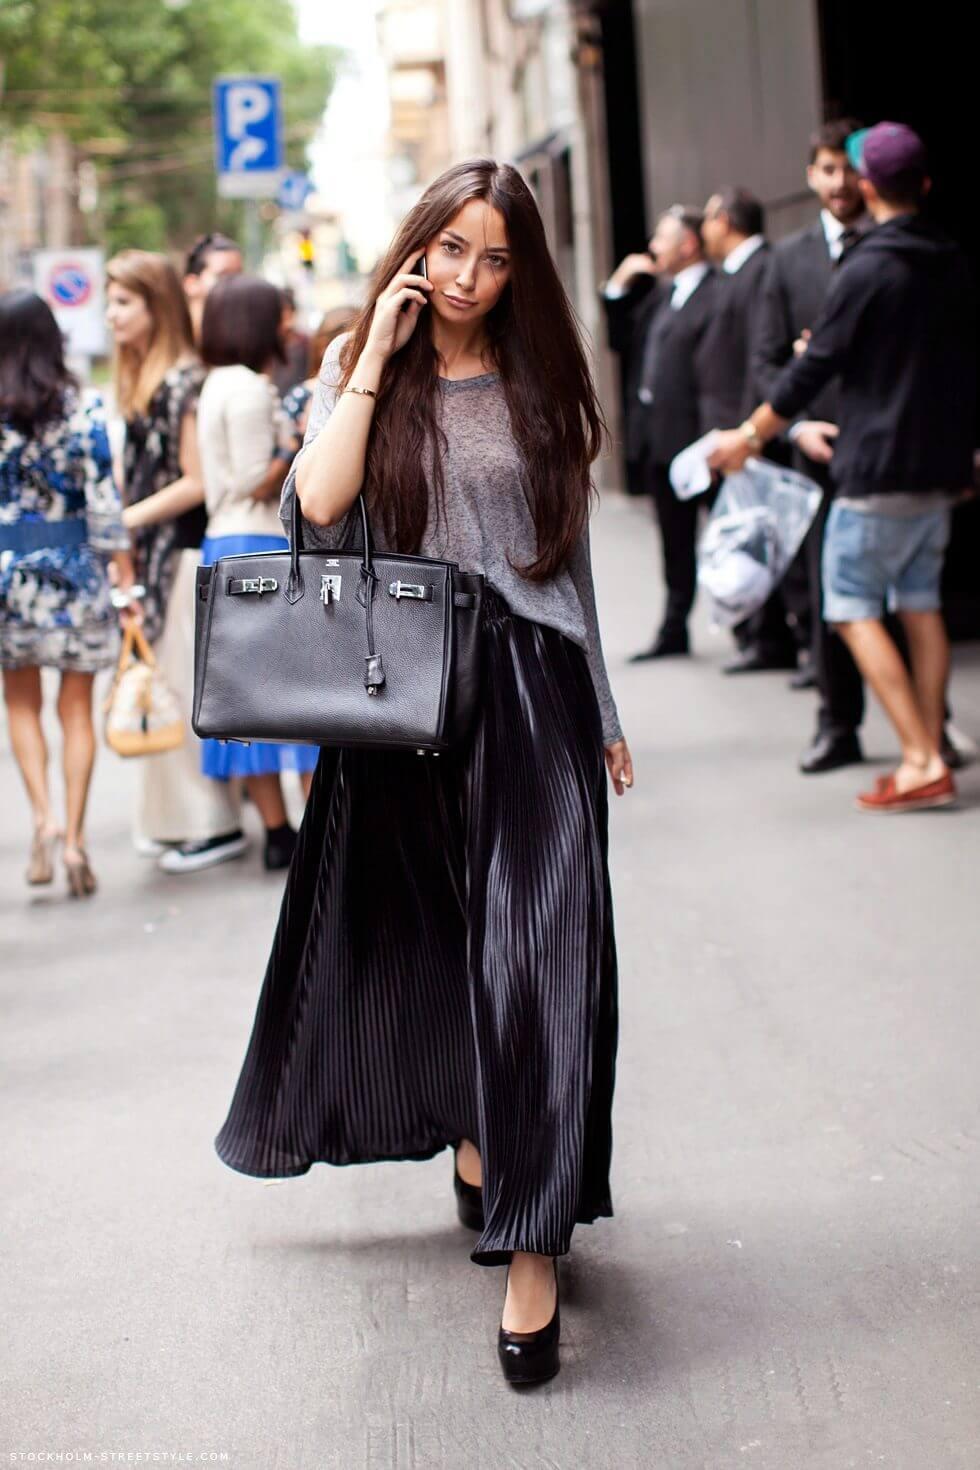 черная юбка плиссе с серой футболкой и большой сумкой